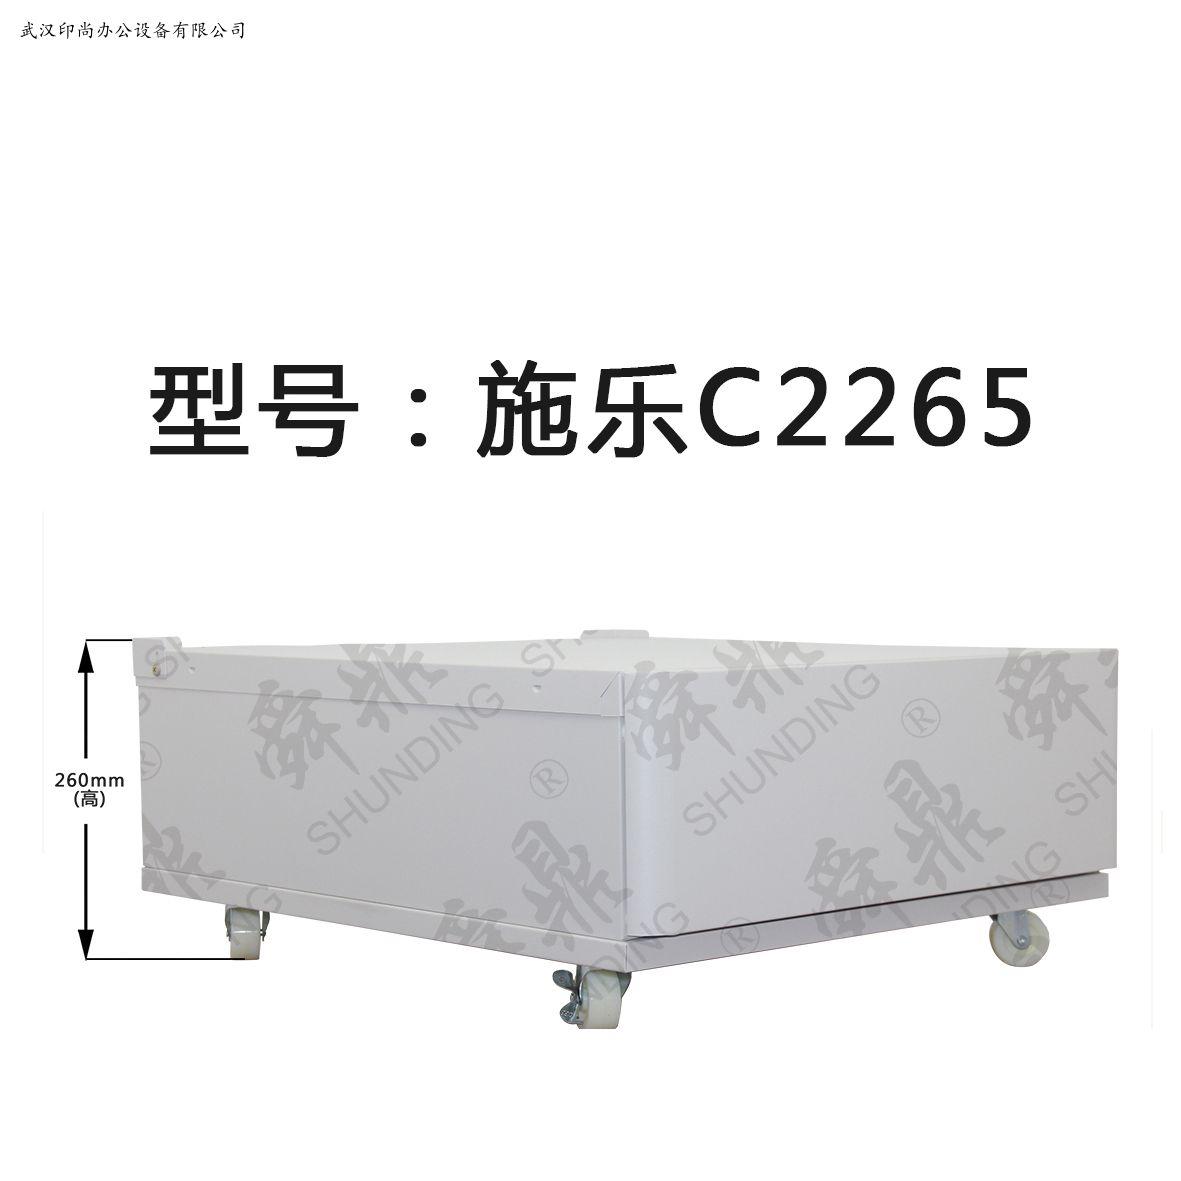 施乐C2265